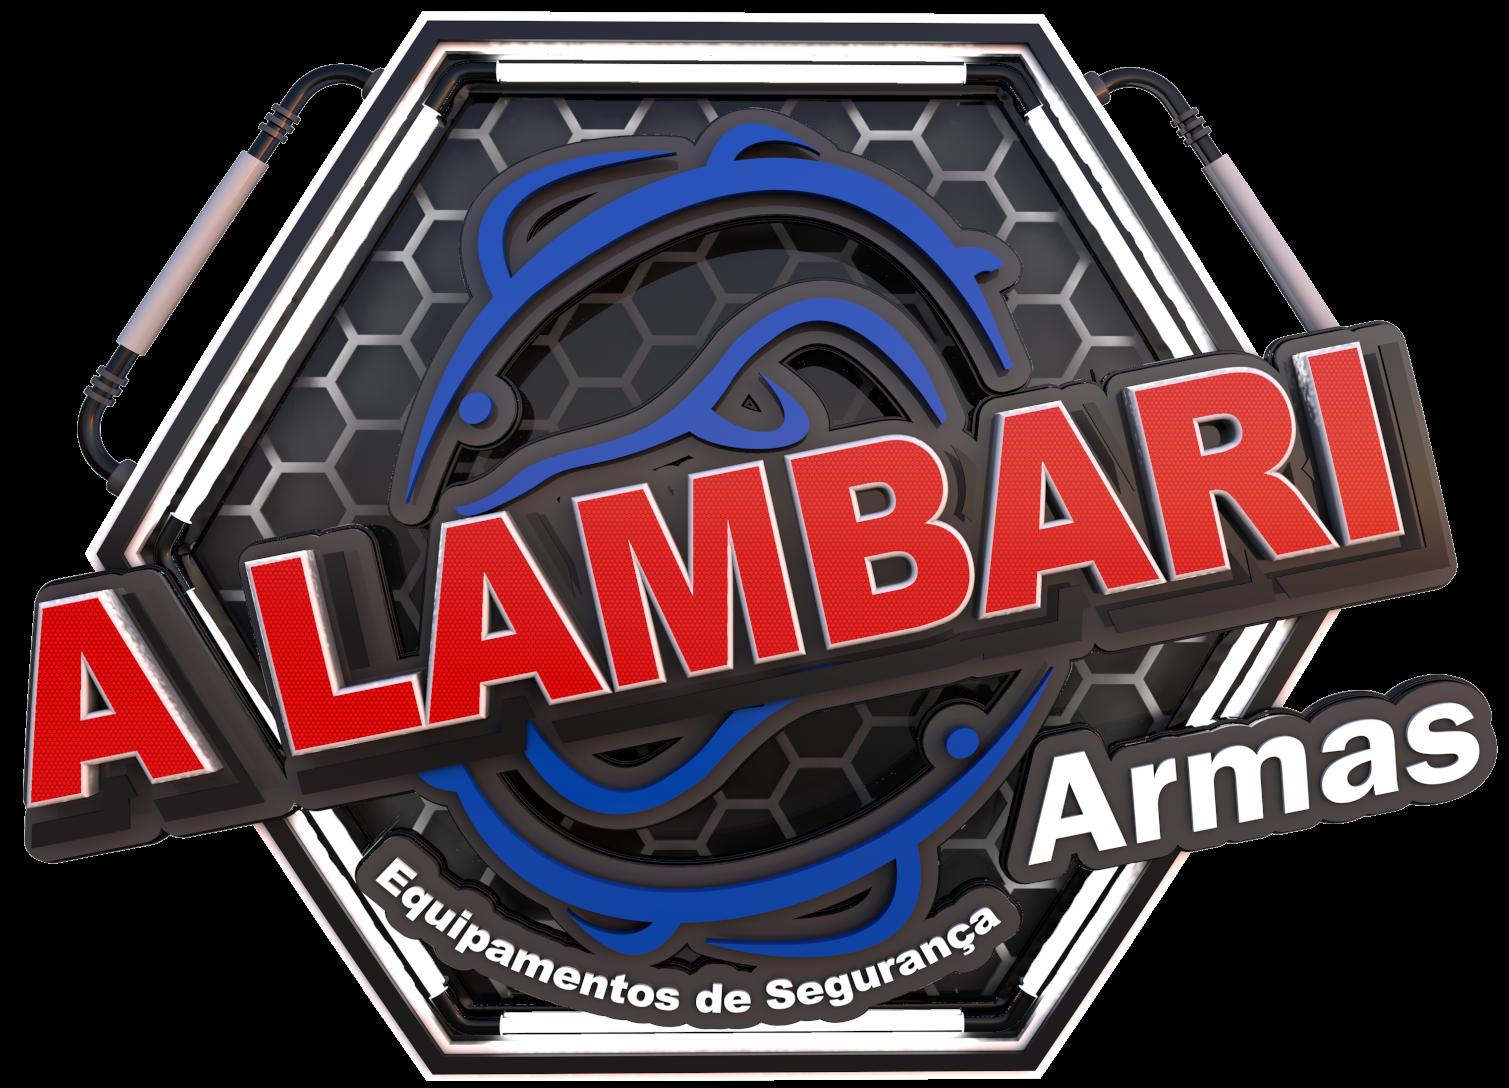 A Lambari Armas